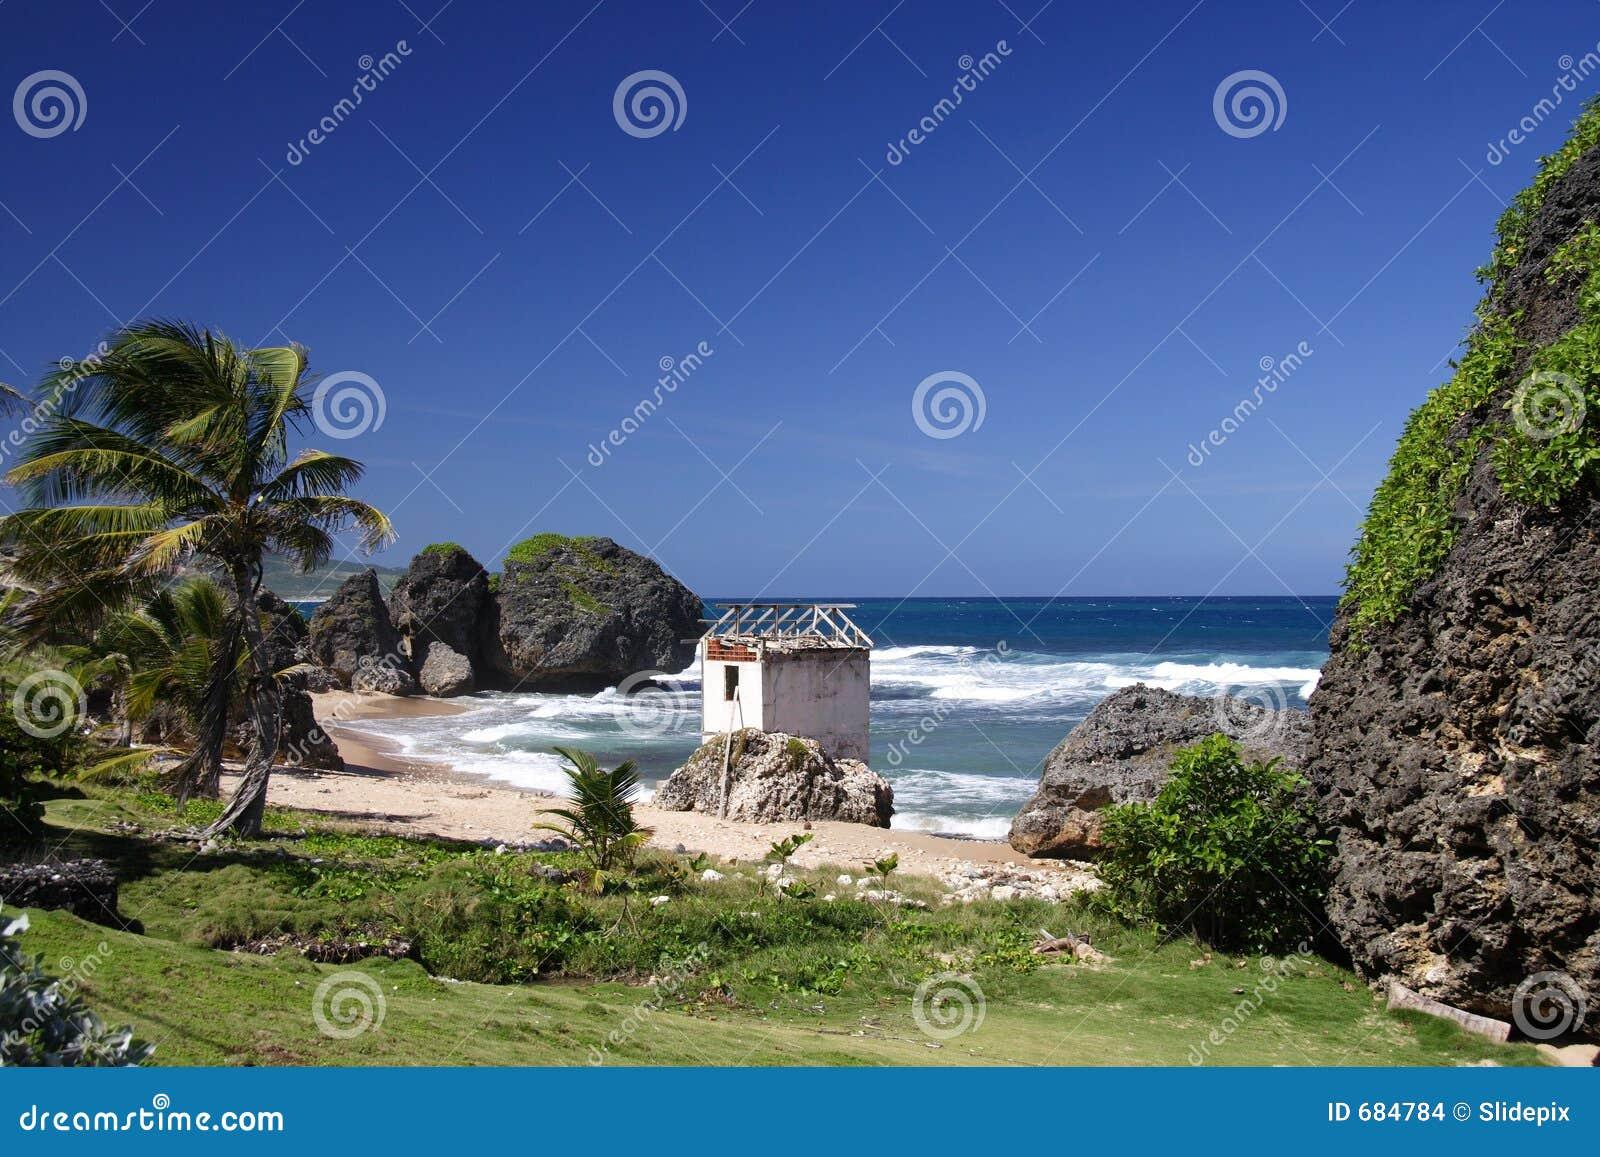 Spiaggia tropicale fotografia stock immagine di coral for Disegni di casa sulla spiaggia tropicale